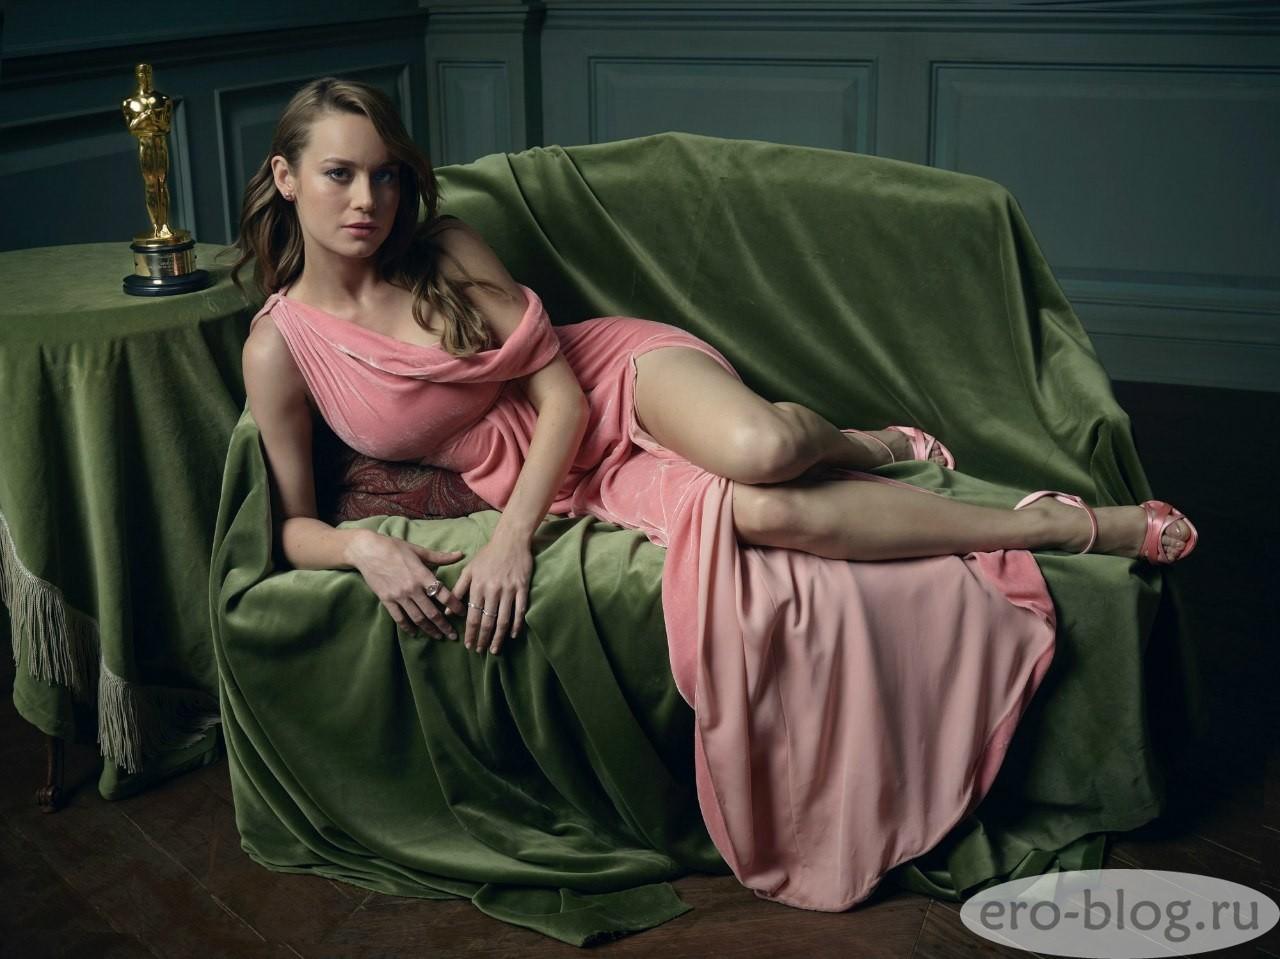 Голая обнаженная Brie Larson | Бри Ларсон интимные фото звезды